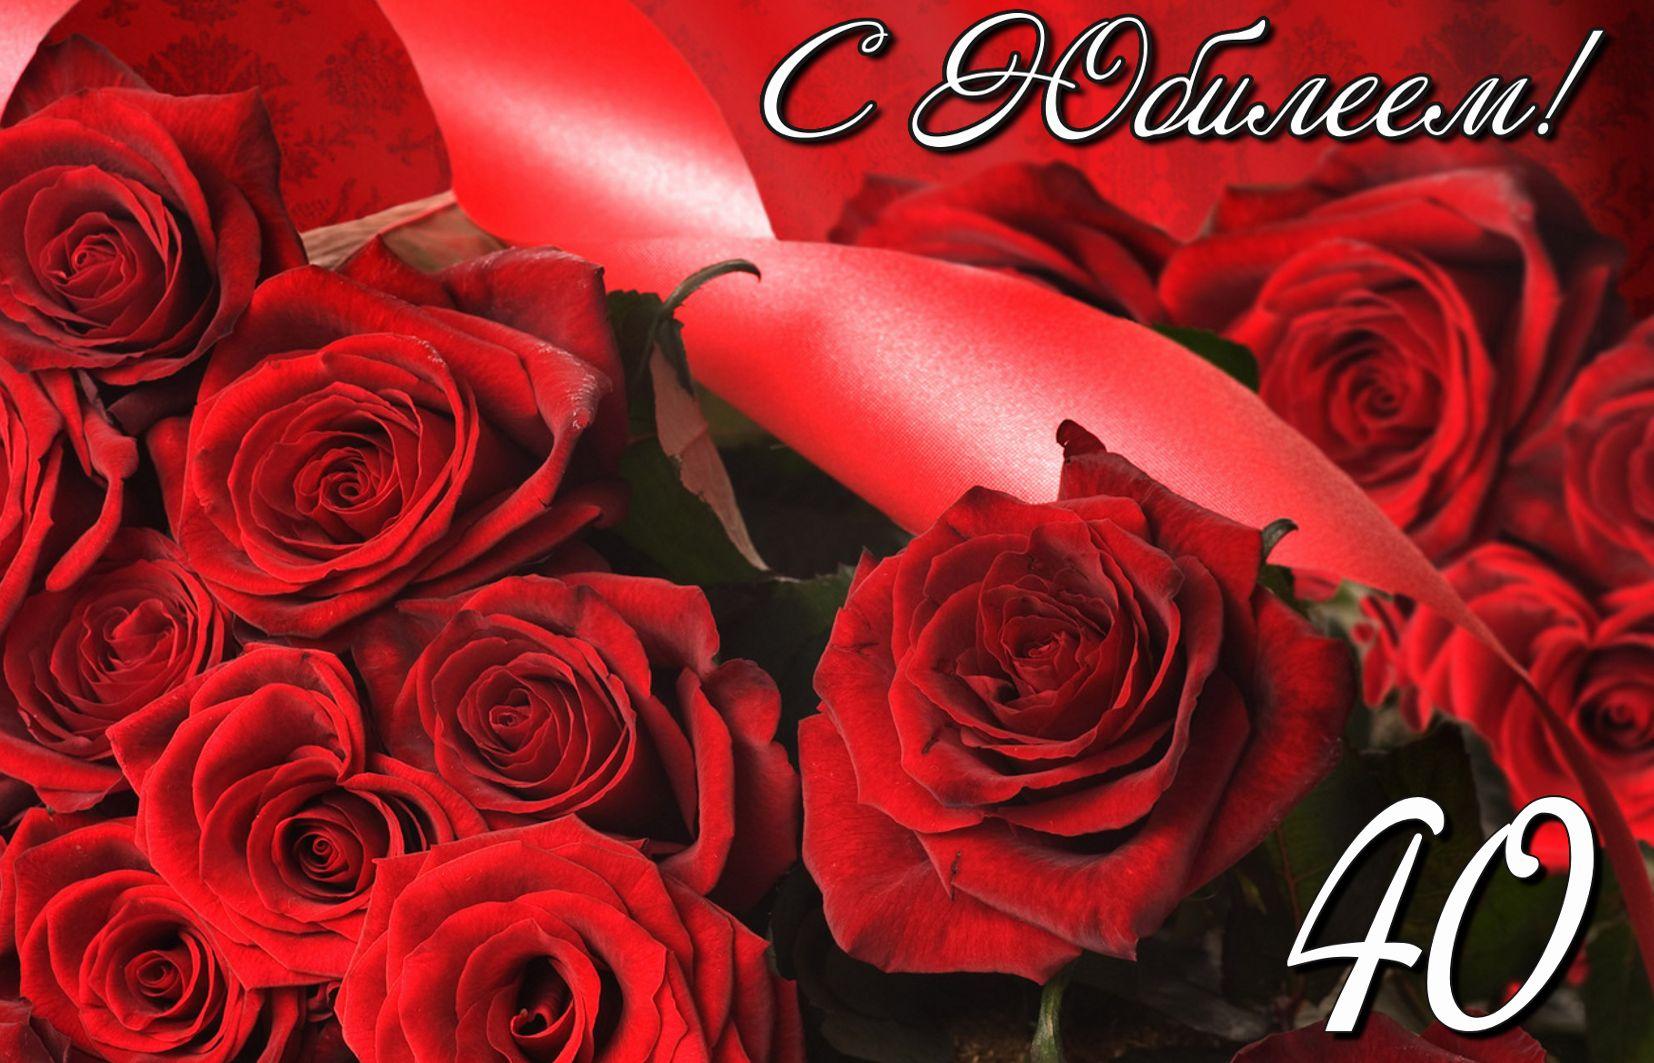 Открытка на 40 лет - розы на юбилей на красном фоне